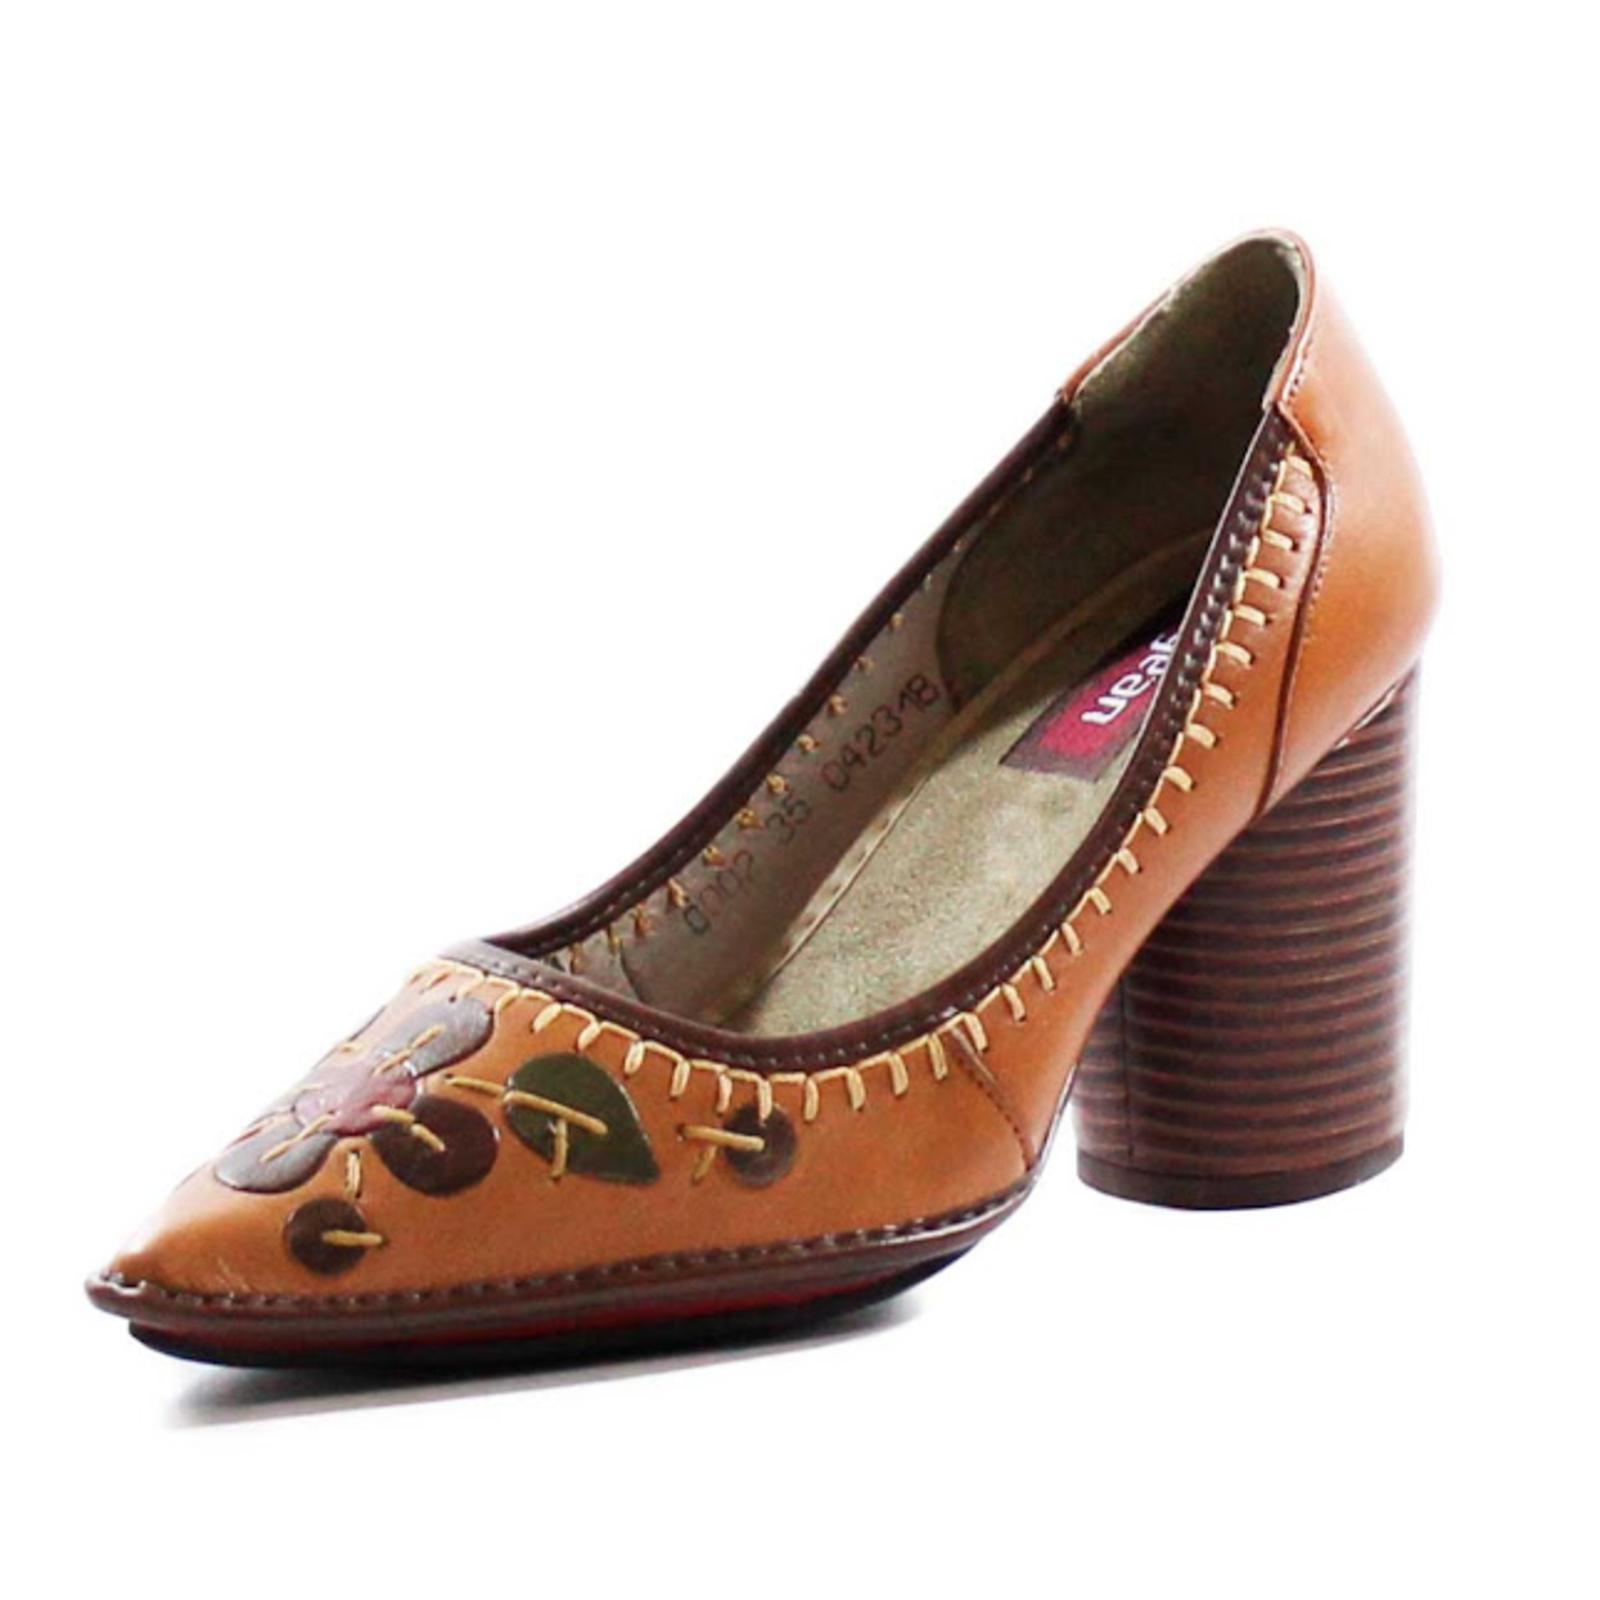 54ef99c4f Sapato Couro J. Gean Vintage Retrô Bordados Caramelo de 2019 ...